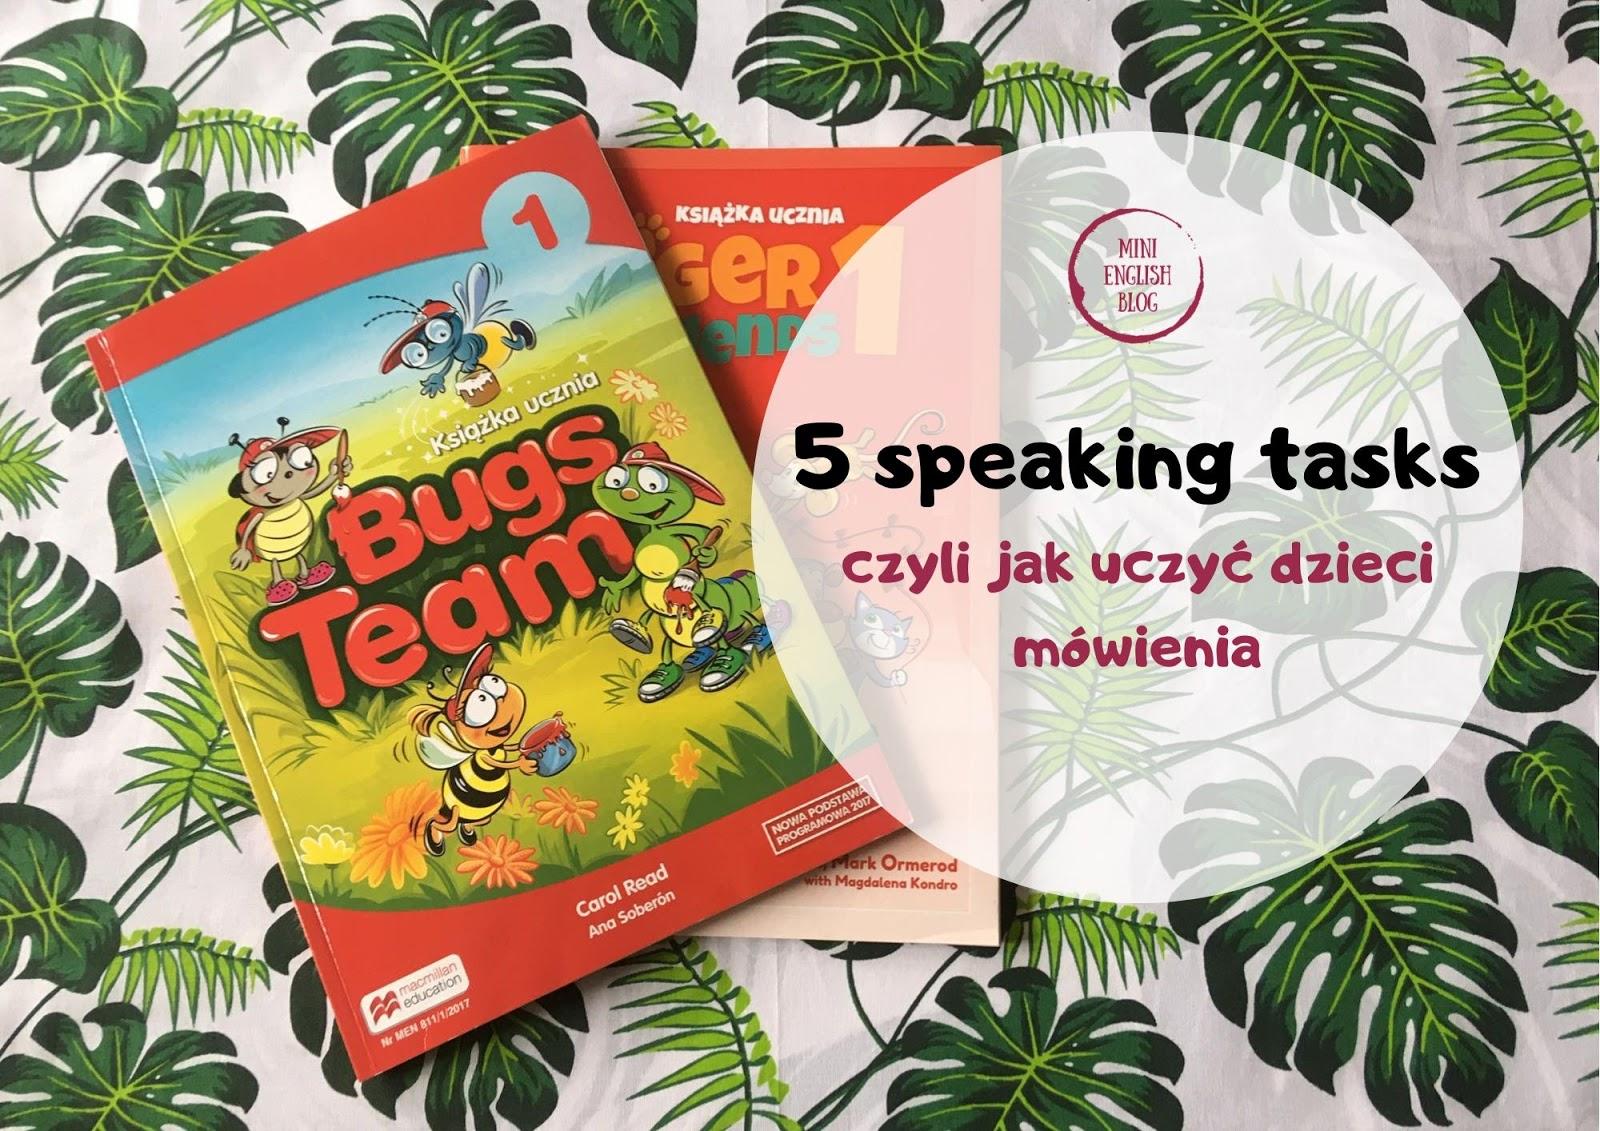 5 speaking tasks, czyli jak uczyć dzieci mówienia z kursami Bugs Team 1 oraz Tiger&Friends 1